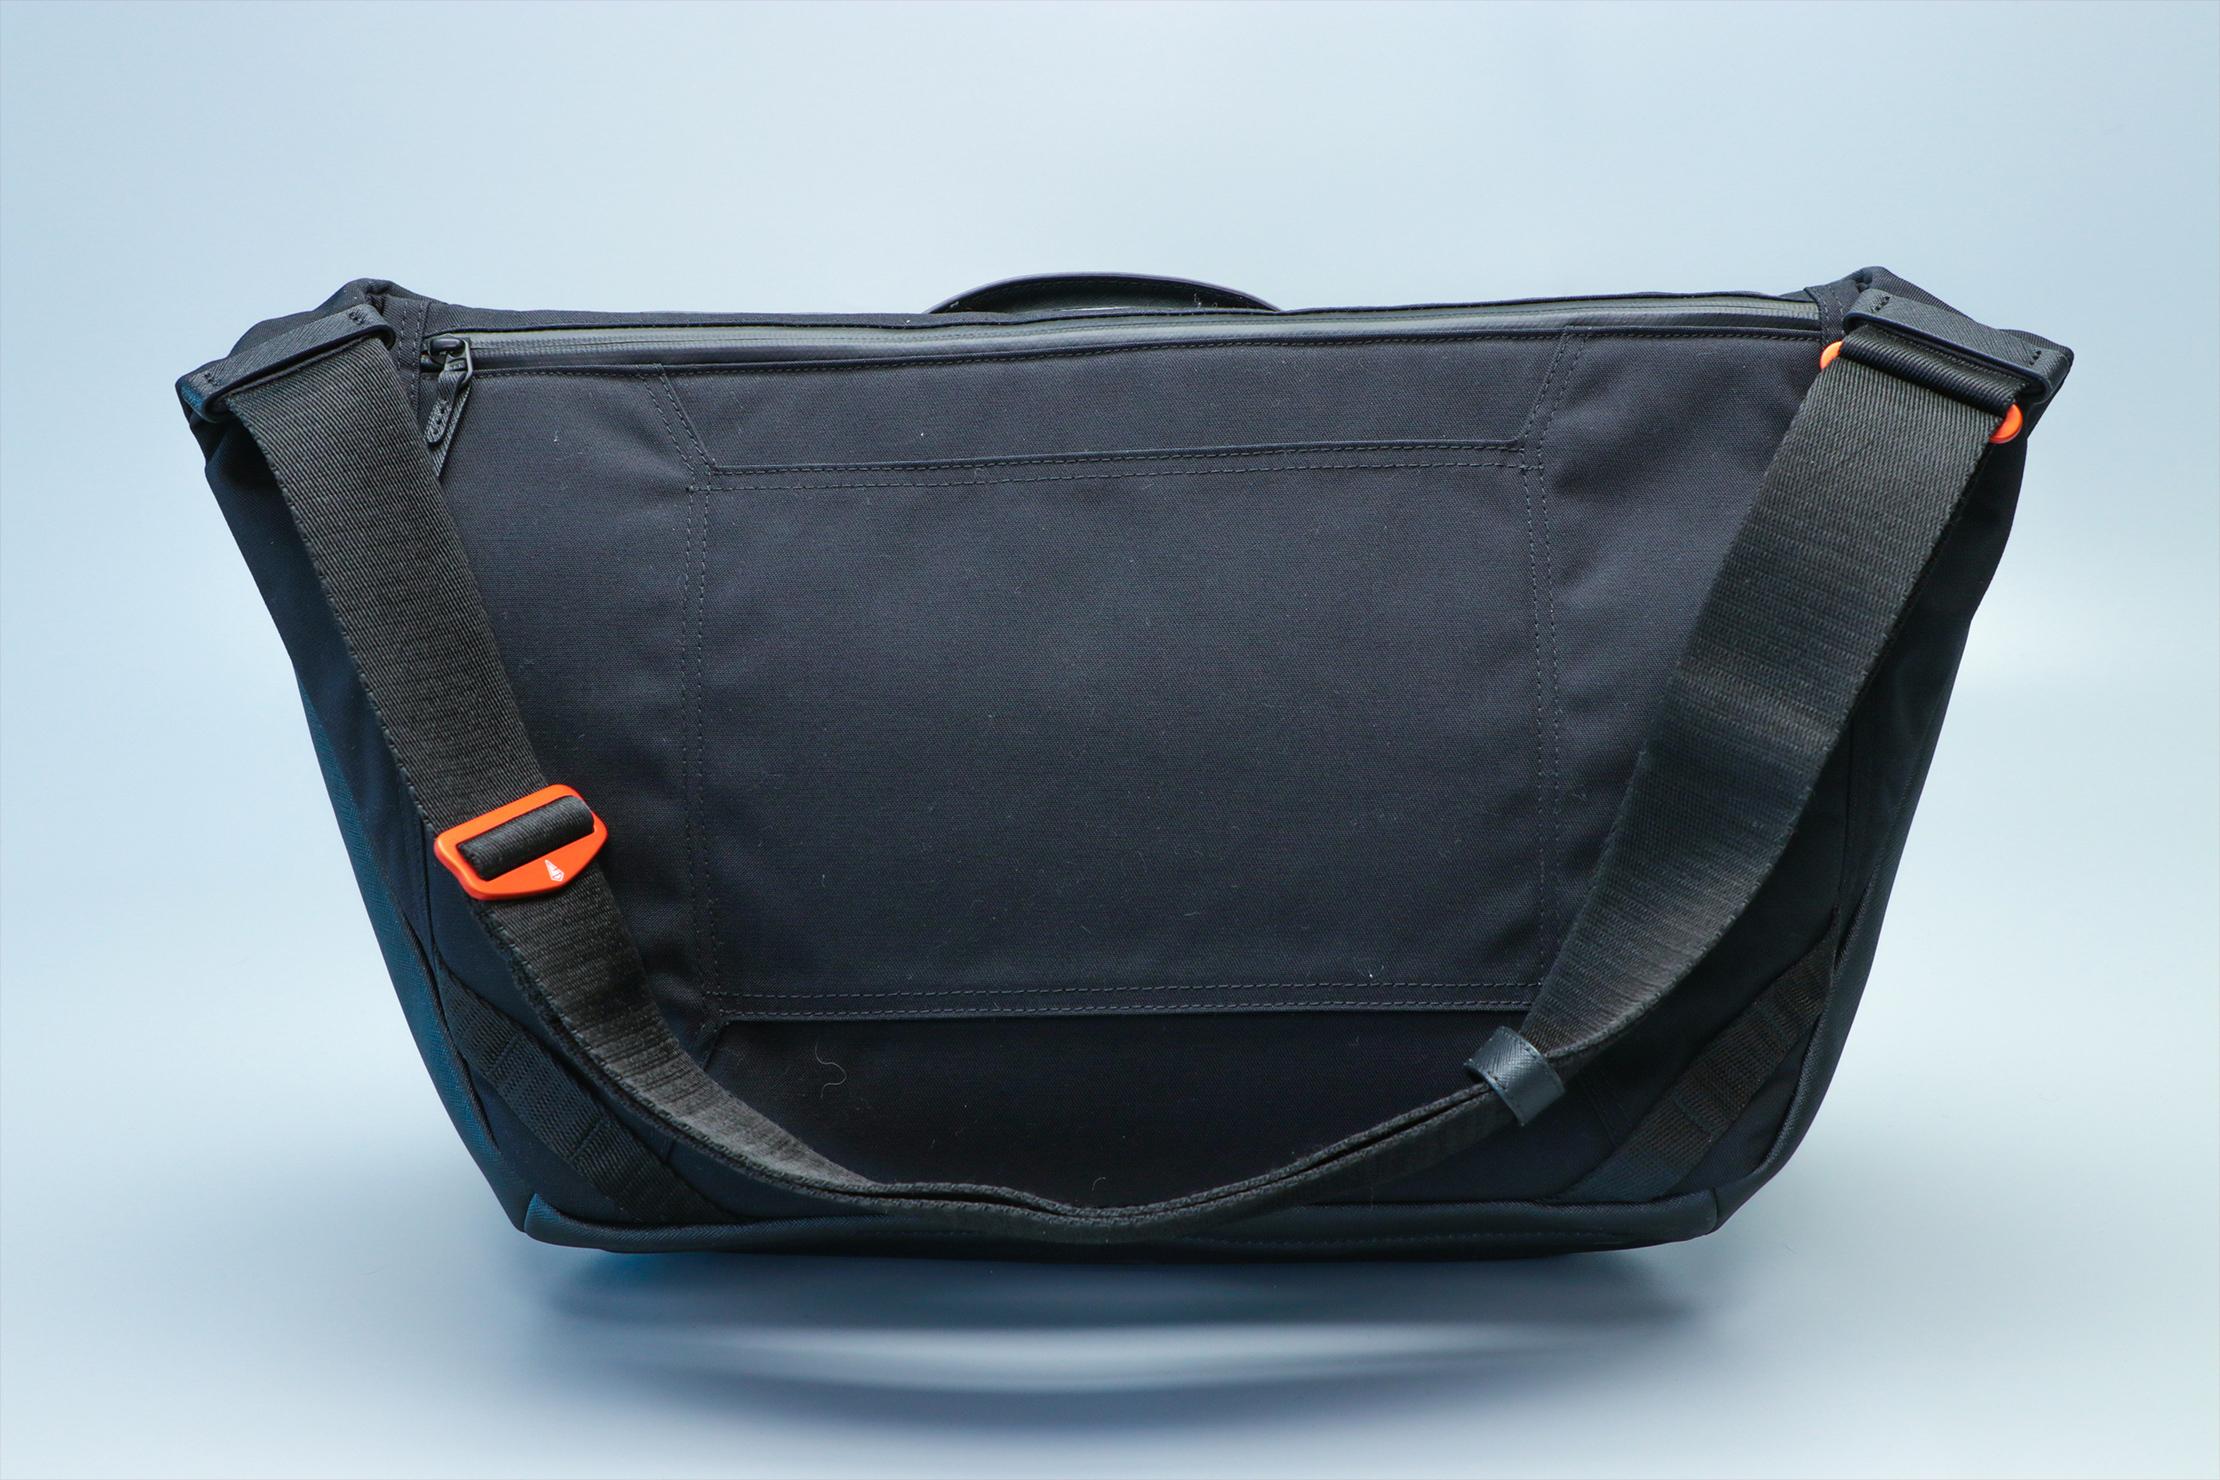 Agency Aspect Hybrid Messenger Bag Studio 1